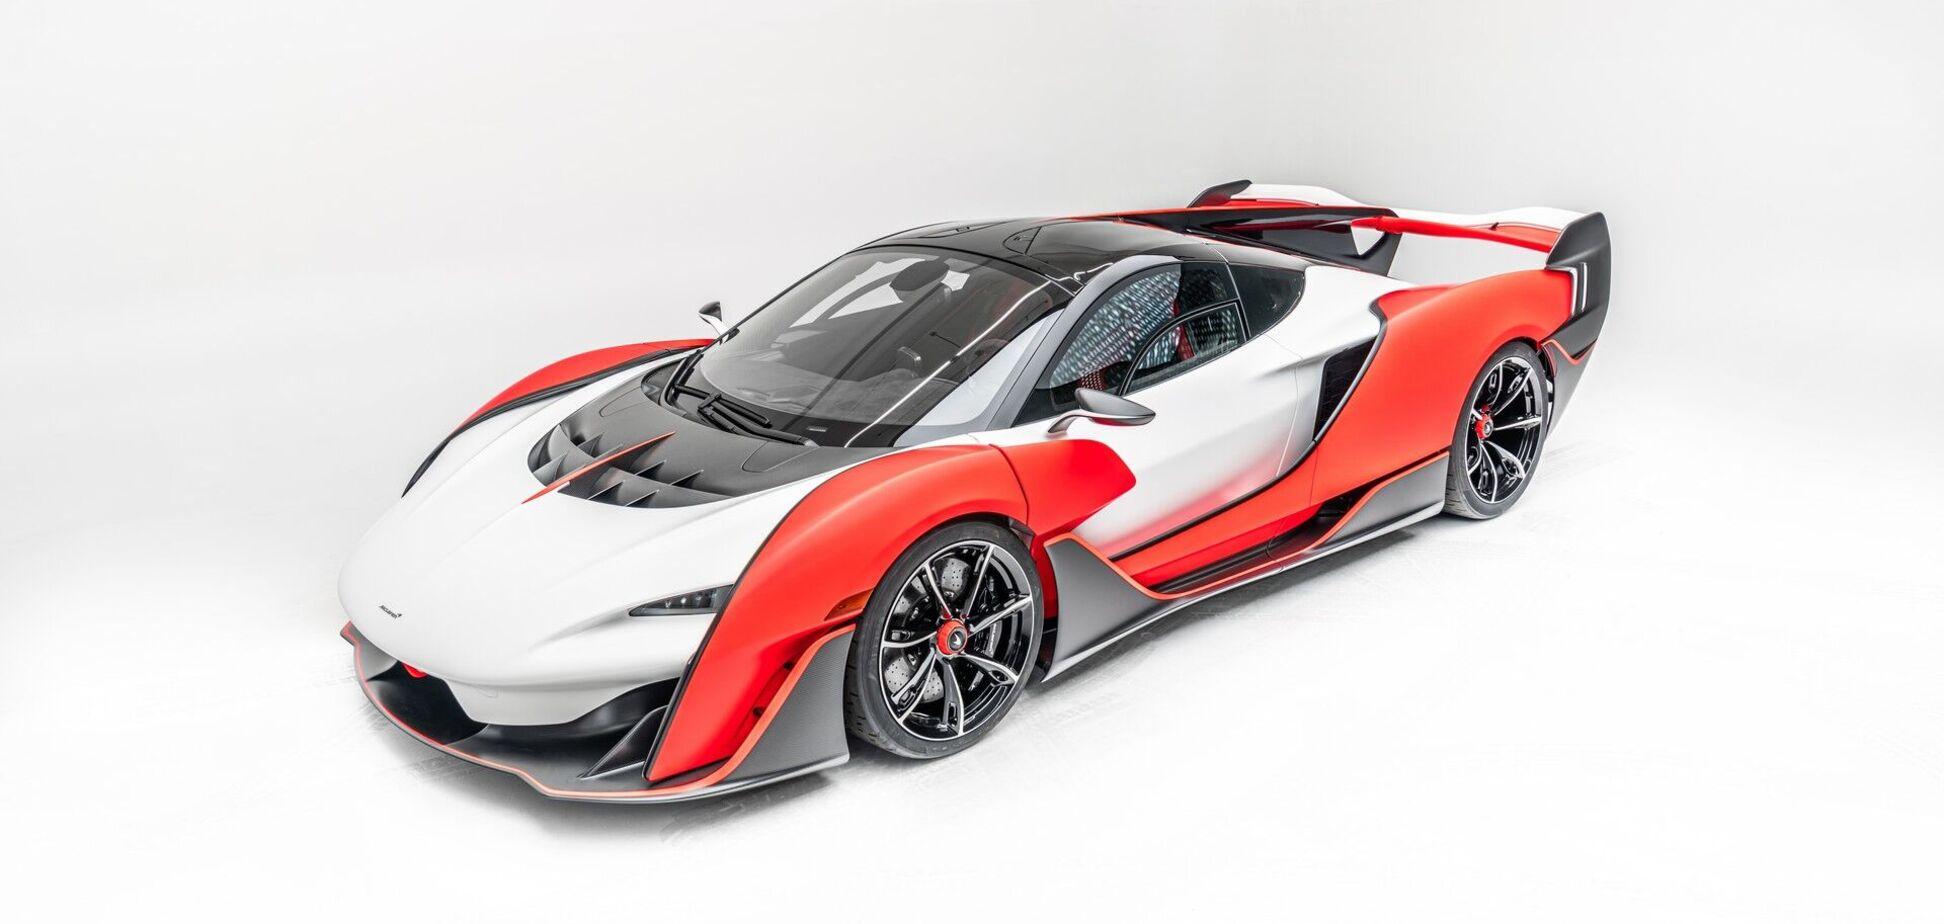 McLaren презентовал новый суперкар Sabre